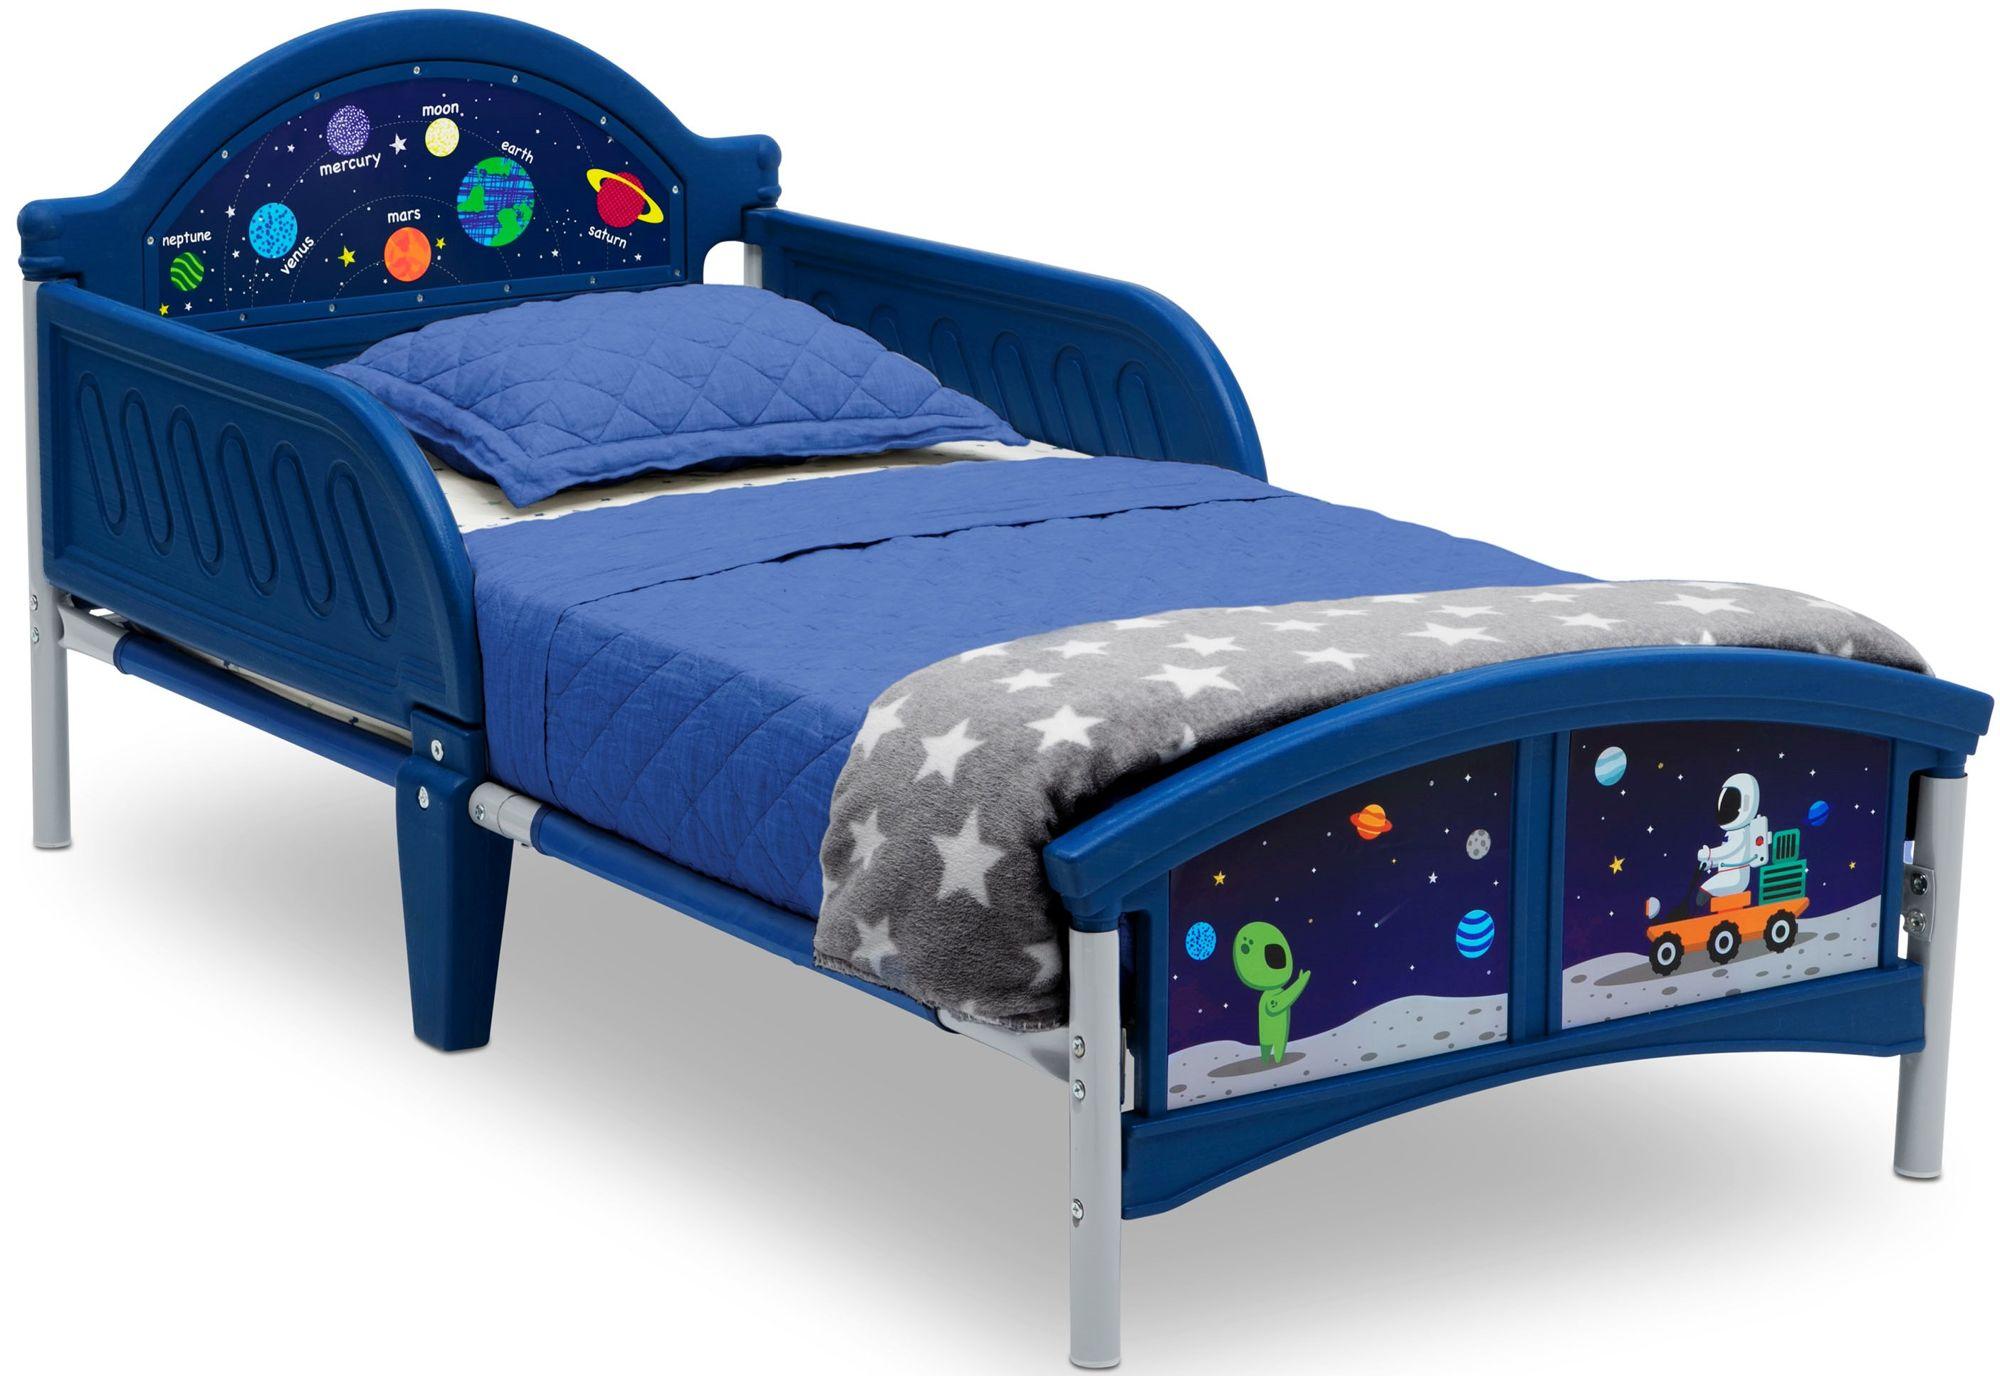 Delta łóżko Dla Dzieci Astronauta Alfie The Astronaut 146 X 73 Cm